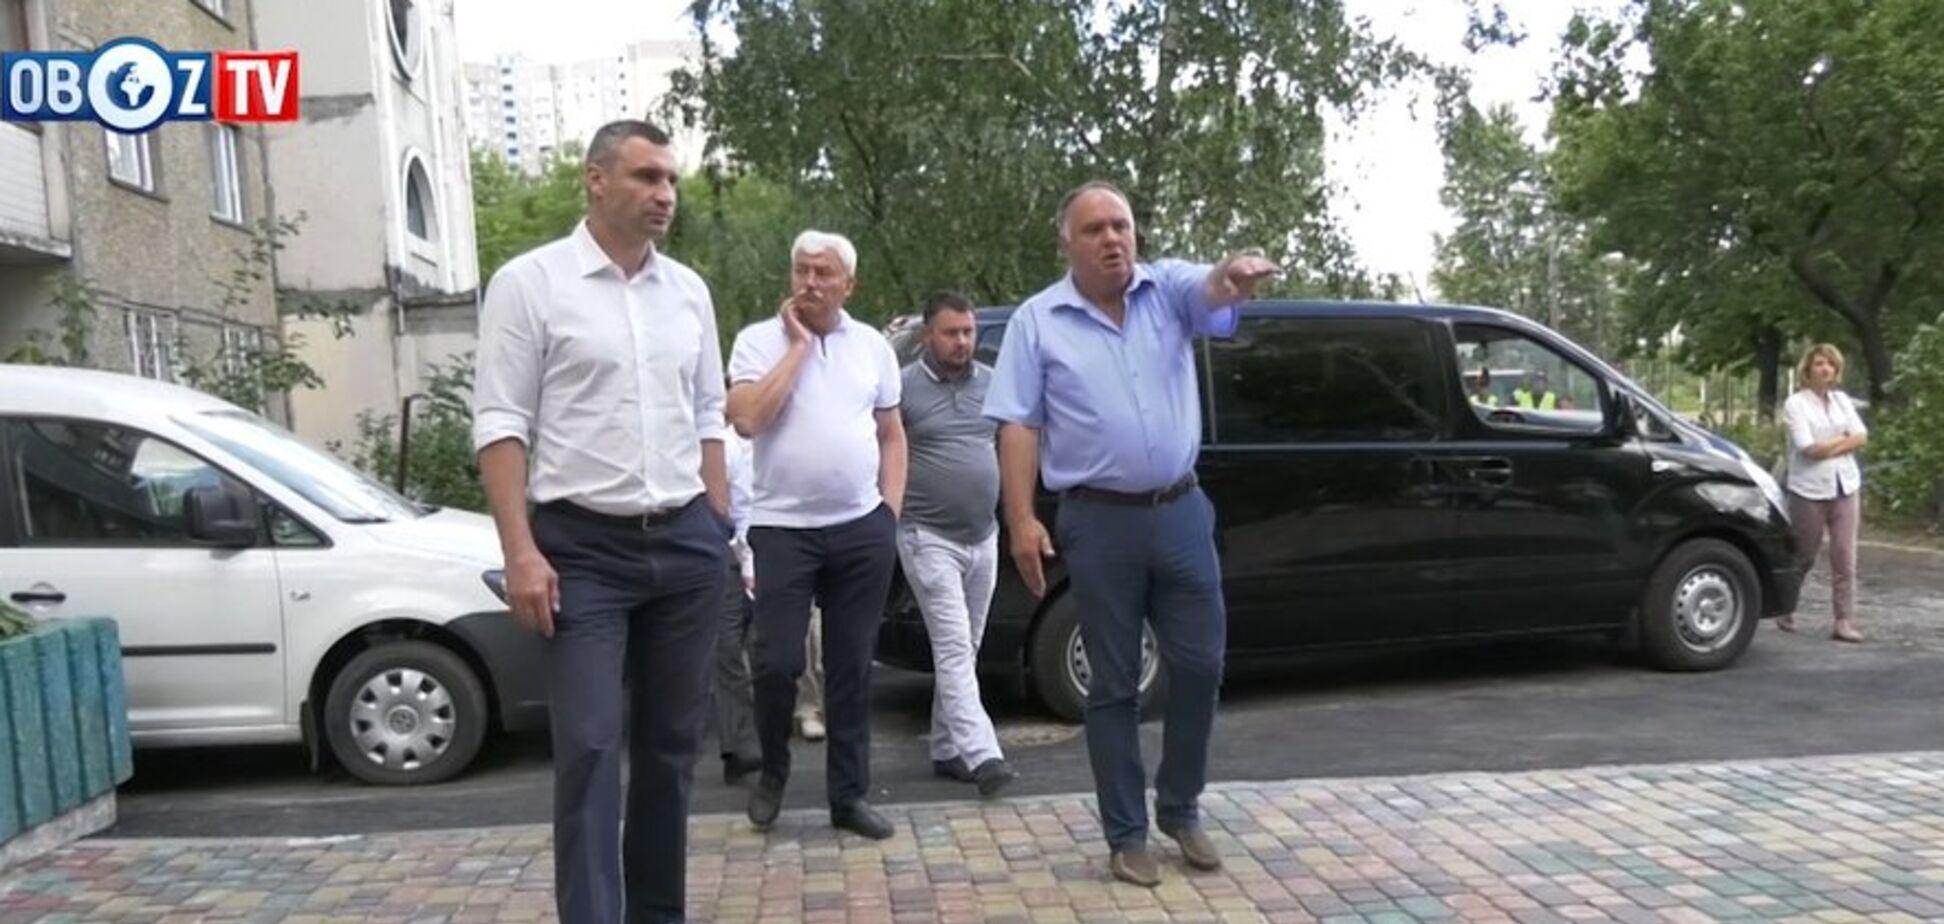 Кличко: в Киеве активно ремонтируют дворы и межквартальные проезды